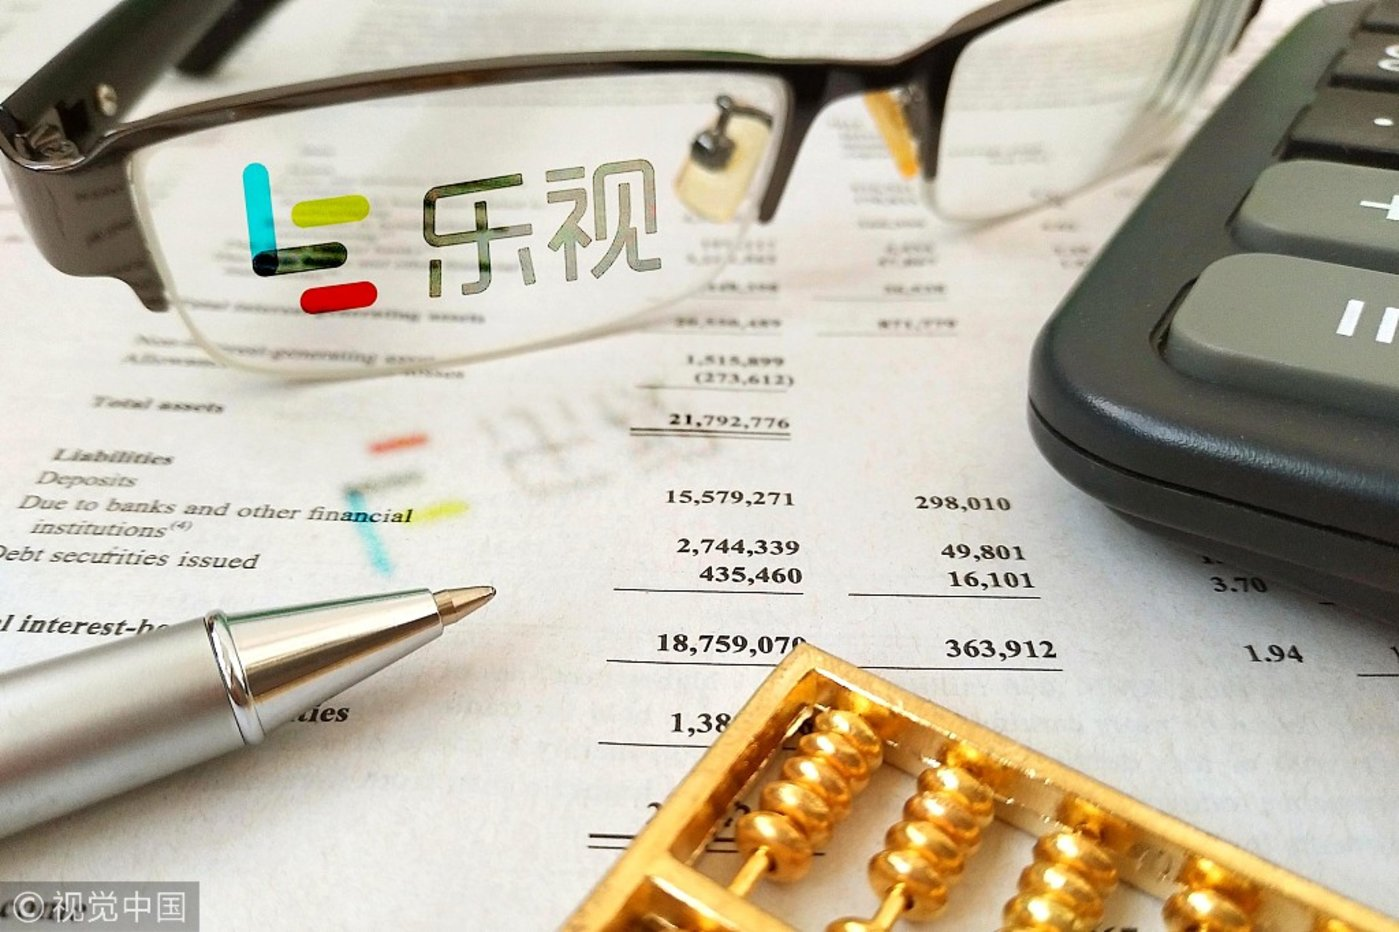 图片来源于视觉中国